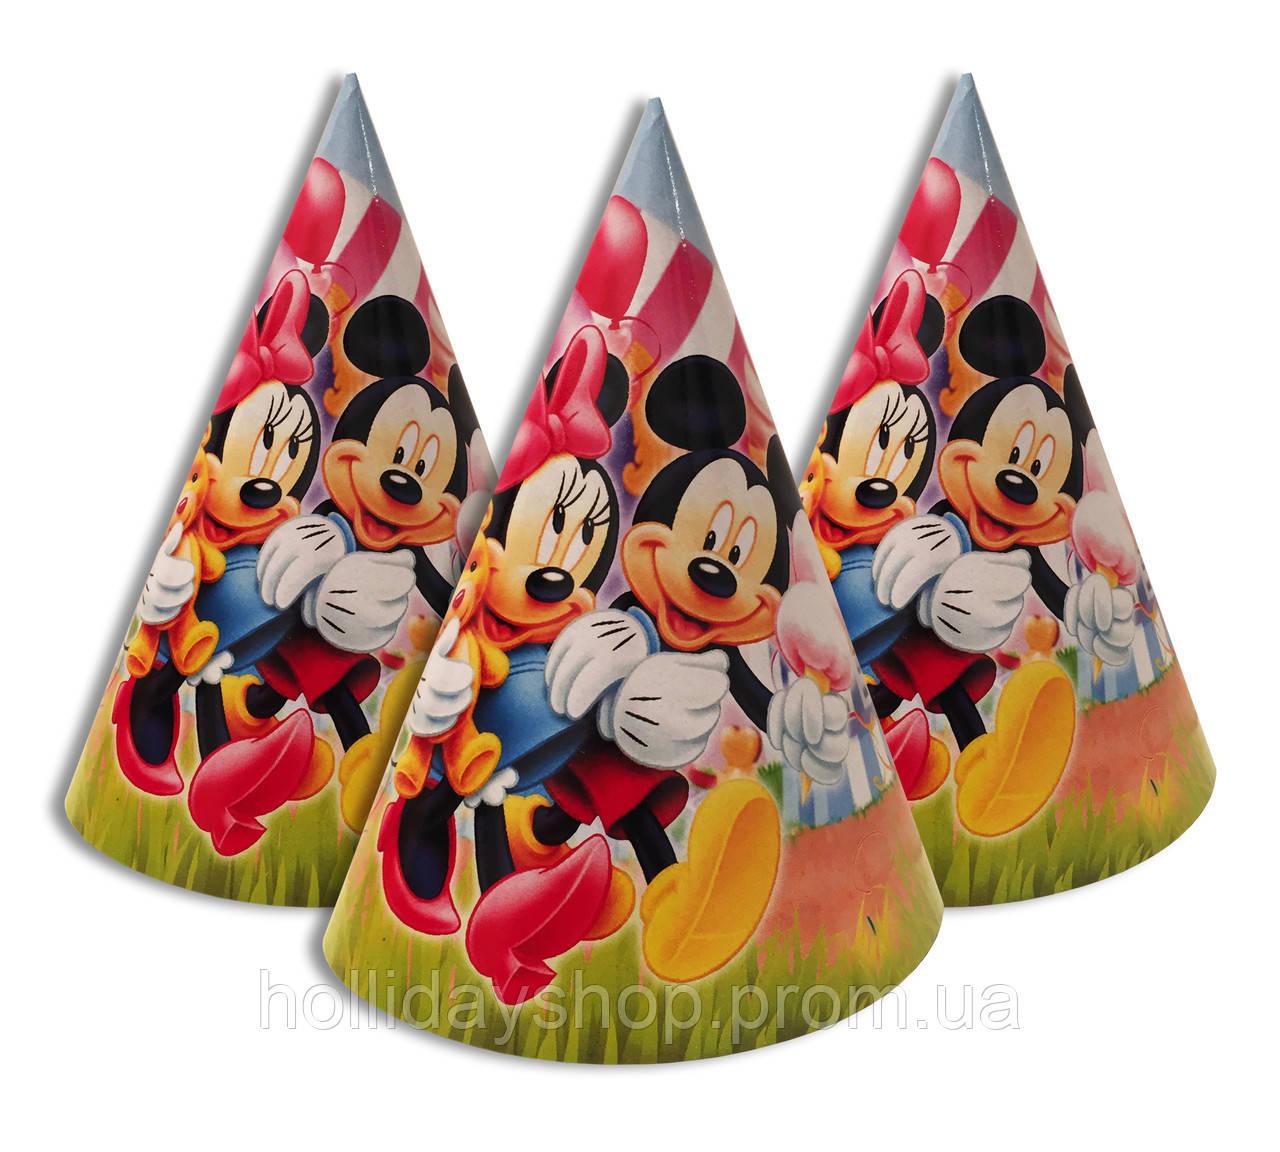 """Колпачки, колпаки праздничные, маленькие. """" Микки и Мини с мороженным  """" Карнавальные колпаки"""